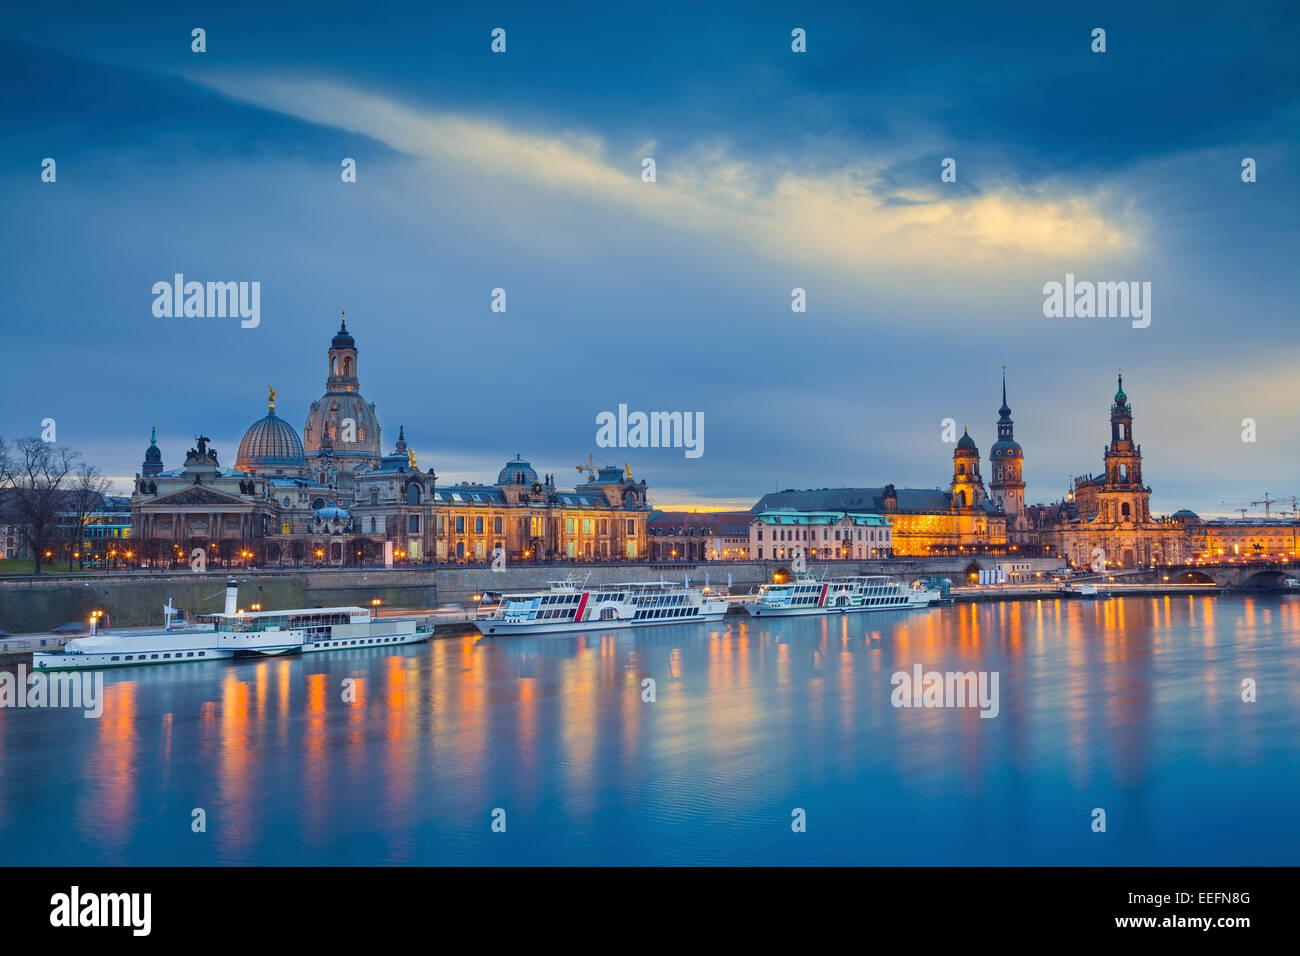 Dresden. Bild von Dresden, Deutschland während der blauen Dämmerstunde mit Elbe Fluss im Vordergrund. Stockbild